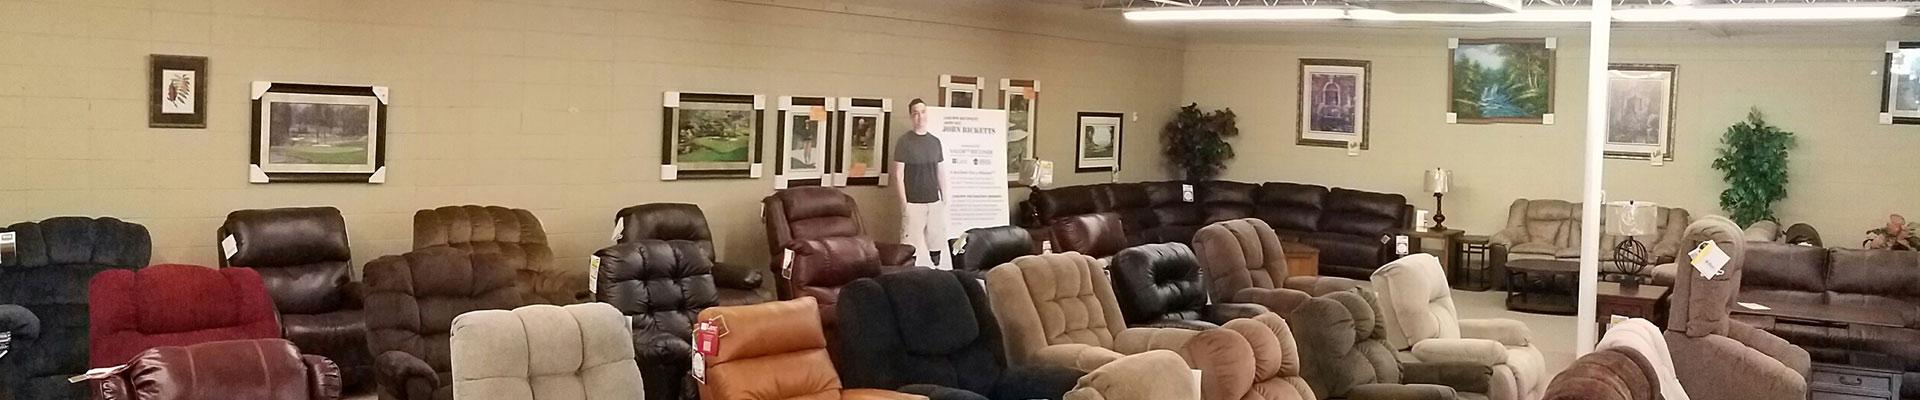 Fine Furniture And Mattresses   Greenville, SC   Bonds Furniture Direct